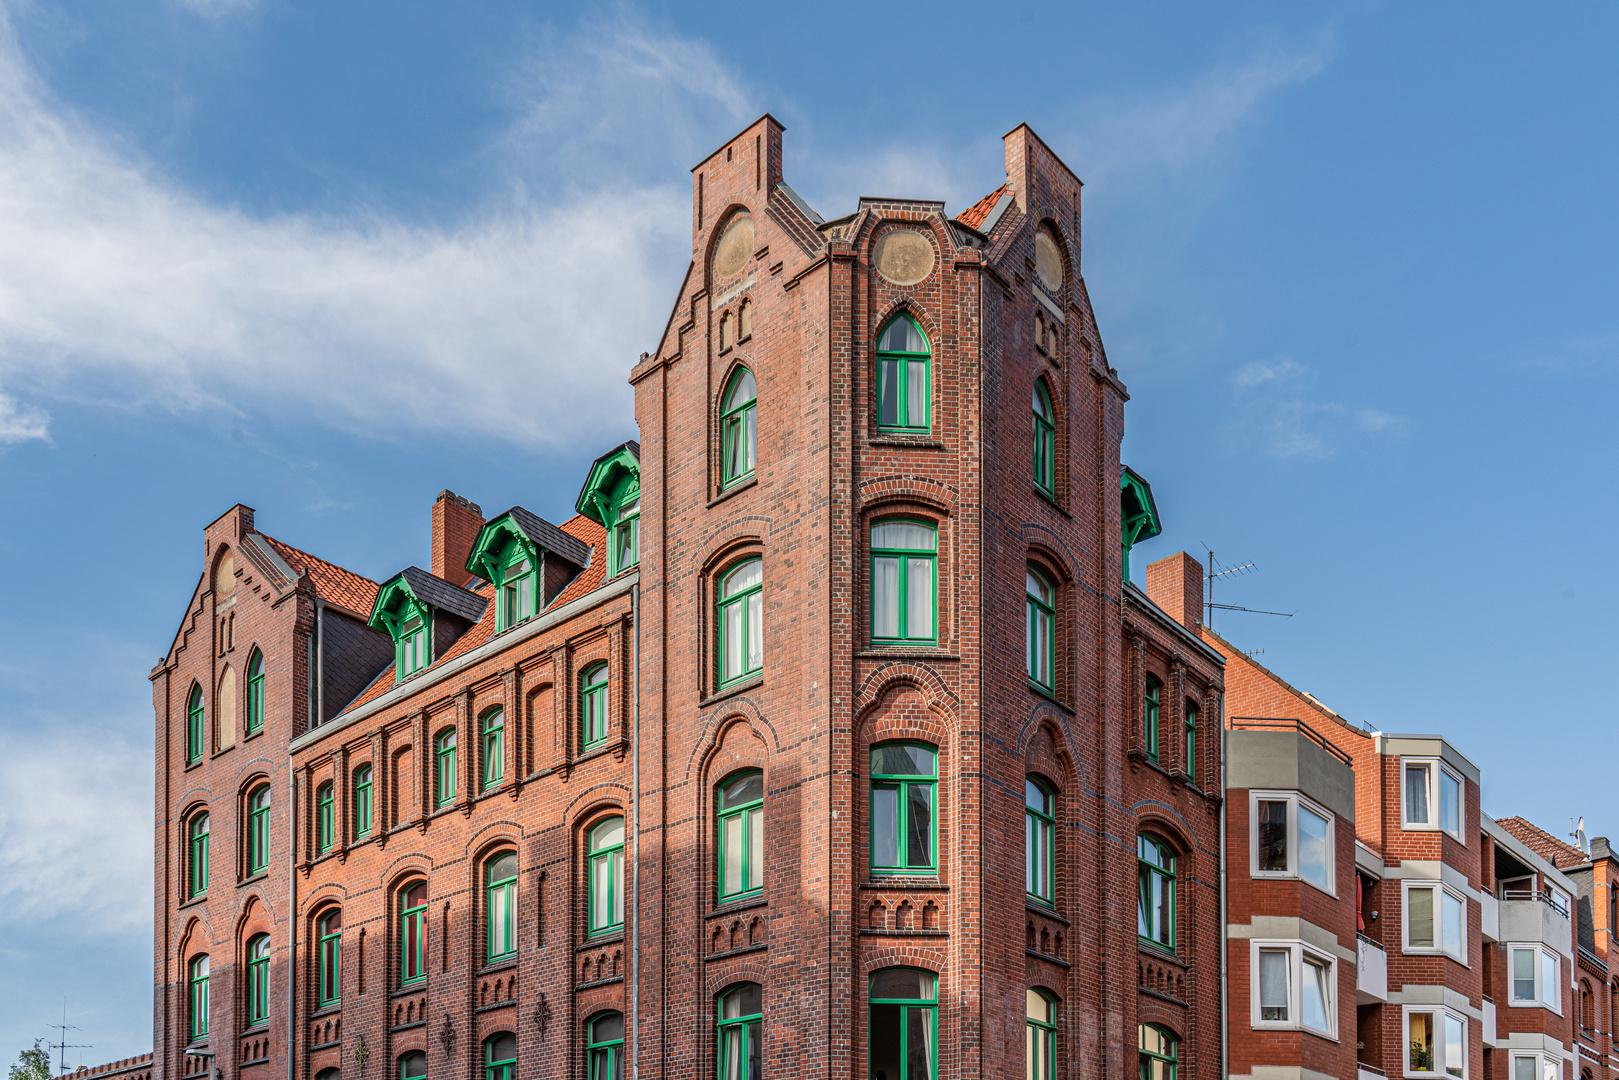 Backsteinbau in Hannover-Linden